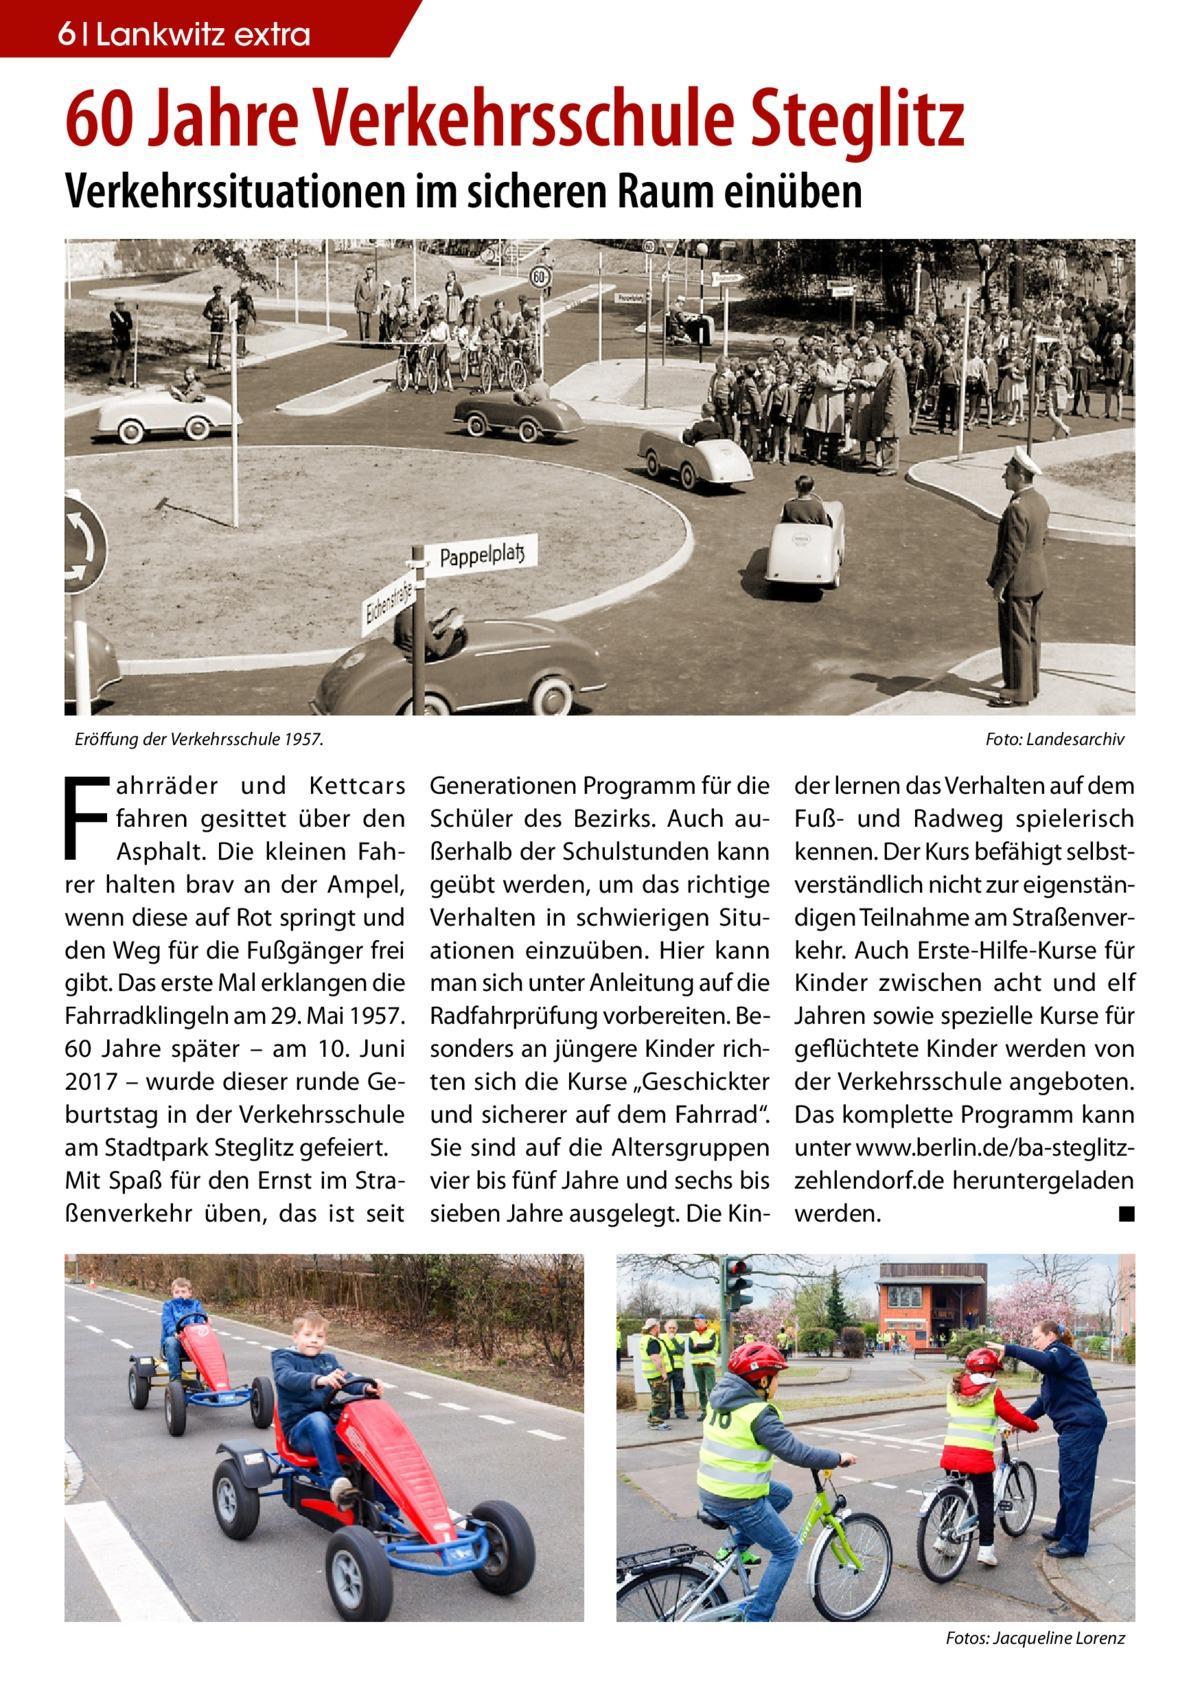 """6 Lankwitz extra  60Jahre Verkehrsschule Steglitz Verkehrssituationen im sicheren Raum einüben  Eröffung der Verkehrsschule 1957.�  F  ahrräder und Kettcars fahren gesittet über den Asphalt. Die kleinen Fahrer halten brav an der Ampel, wenn diese auf Rot springt und den Weg für die Fußgänger frei gibt. Das erste Mal erklangen die Fahrradklingeln am 29.Mai 1957. 60 Jahre später – am 10. Juni 2017 – wurde dieser runde Geburtstag in der Verkehrsschule am Stadtpark Steglitz gefeiert. Mit Spaß für den Ernst im Straßenverkehr üben, das ist seit  Foto: Landesarchiv  Generationen Programm für die Schüler des Bezirks. Auch außerhalb der Schulstunden kann geübt werden, um das richtige Verhalten in schwierigen Situationen einzuüben. Hier kann man sich unter Anleitung auf die Radfahrprüfung vorbereiten. Besonders an jüngere Kinder richten sich die Kurse """"Geschickter und sicherer auf dem Fahrrad"""". Sie sind auf die Altersgruppen vier bis fünf Jahre und sechs bis sieben Jahre ausgelegt. Die Kin �  der lernen das Verhalten auf dem Fuß- und Radweg spielerisch kennen. Der Kurs befähigt selbstverständlich nicht zur eigenständigen Teilnahme am Straßenverkehr. Auch Erste-Hilfe-Kurse für Kinder zwischen acht und elf Jahren sowie spezielle Kurse für geflüchtete Kinder werden von der Verkehrsschule angeboten. Das komplette Programm kann unter www.berlin.de/ba-steglitzzehlendorf.de heruntergeladen werden.� ◾  Fotos: Jacqueline Lorenz"""